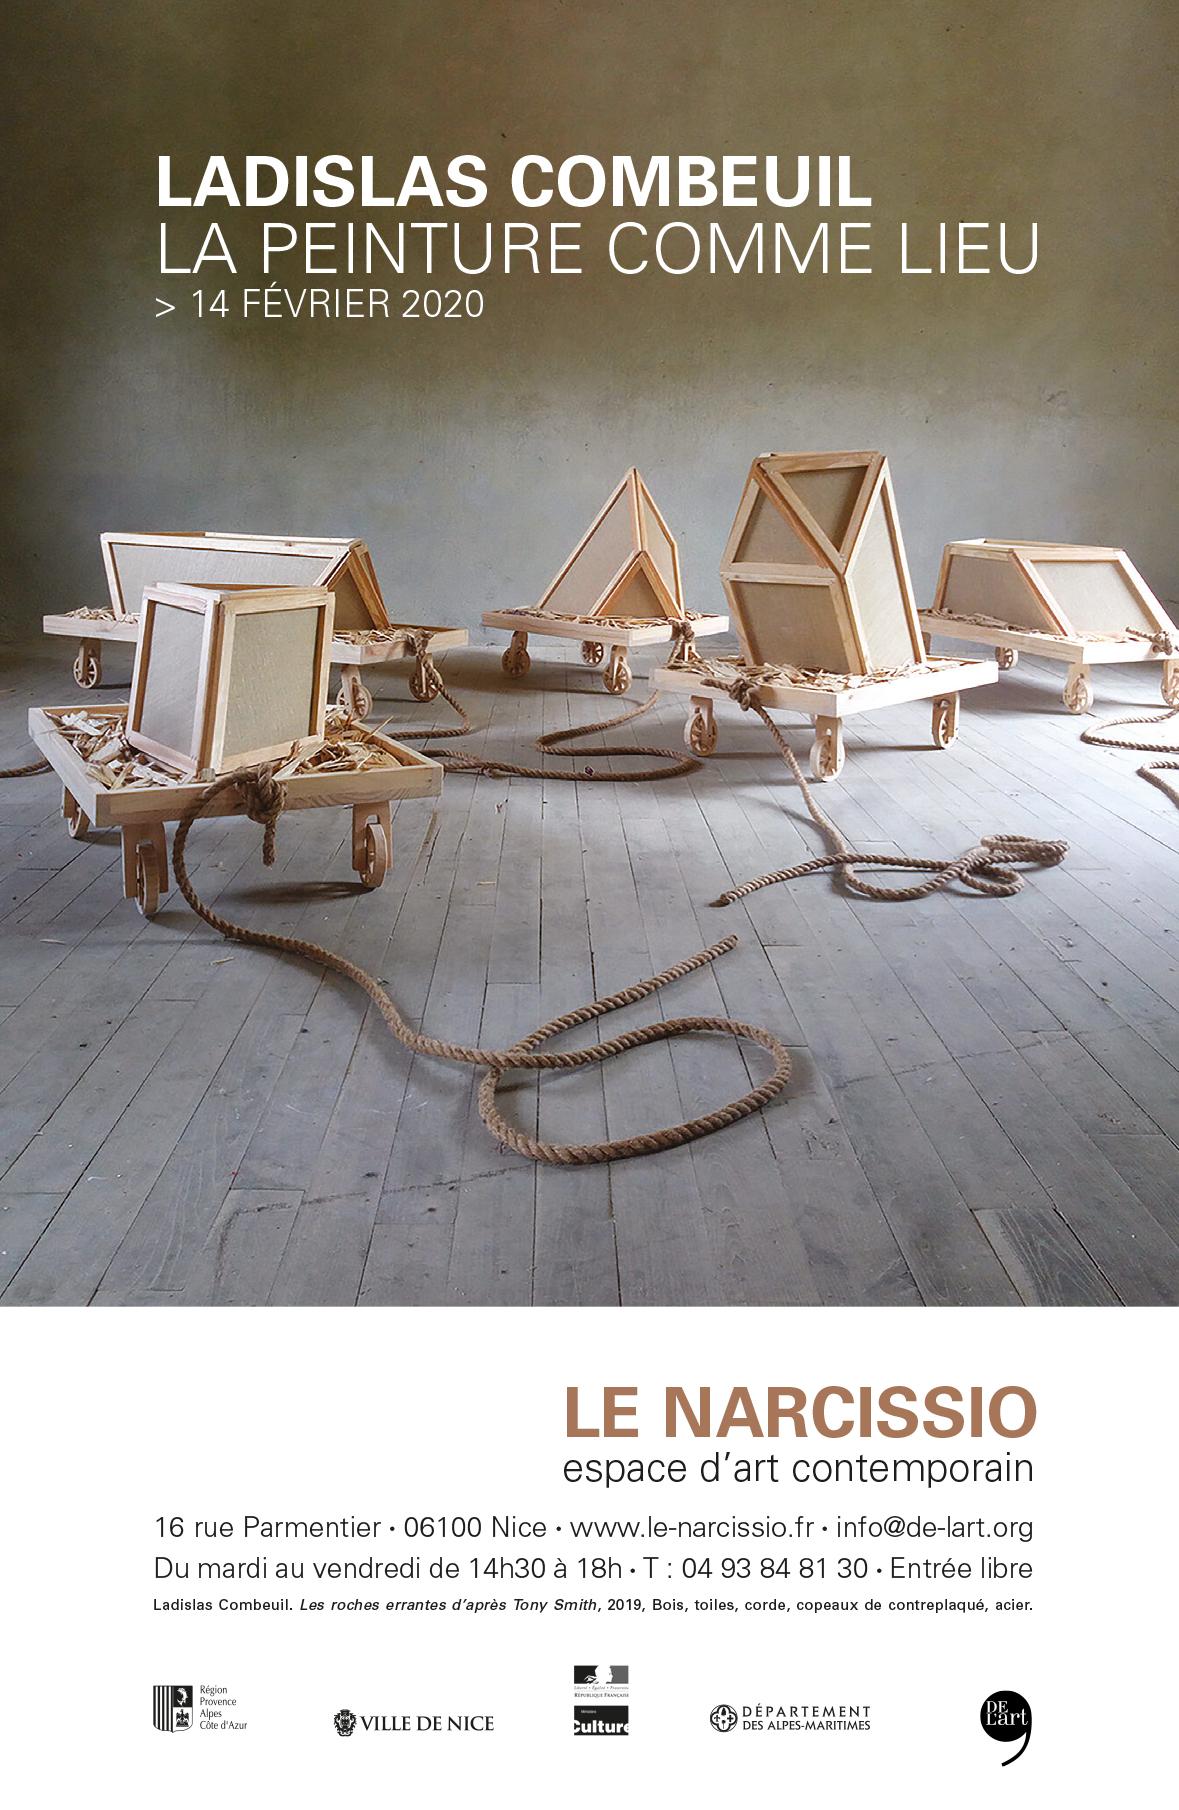 DEL'ART #55 Ladislas Combeuil • Le Narcissio